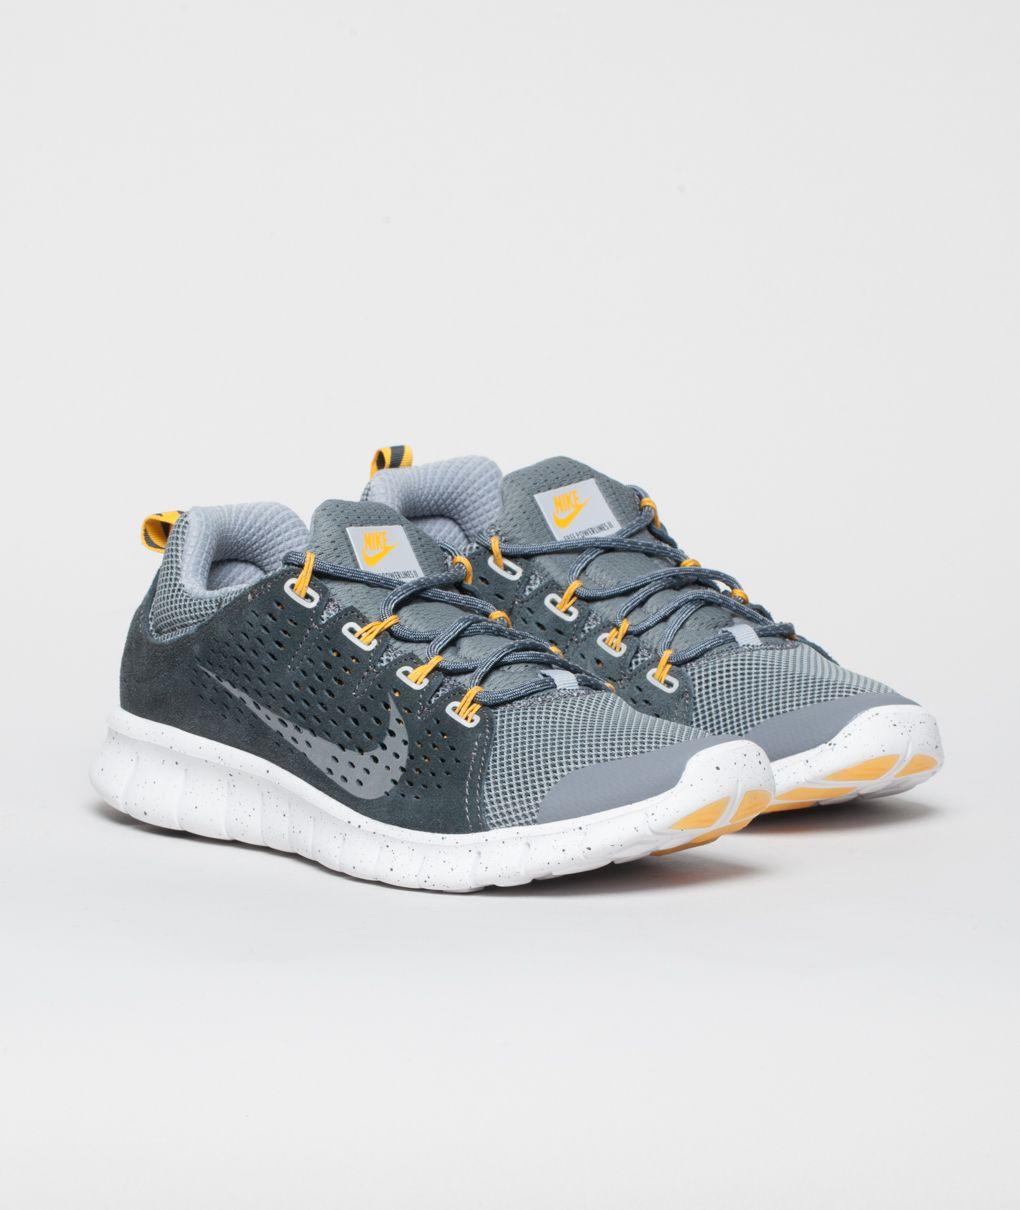 5bd87ee849e3 Nike Free Powerlines II LTR